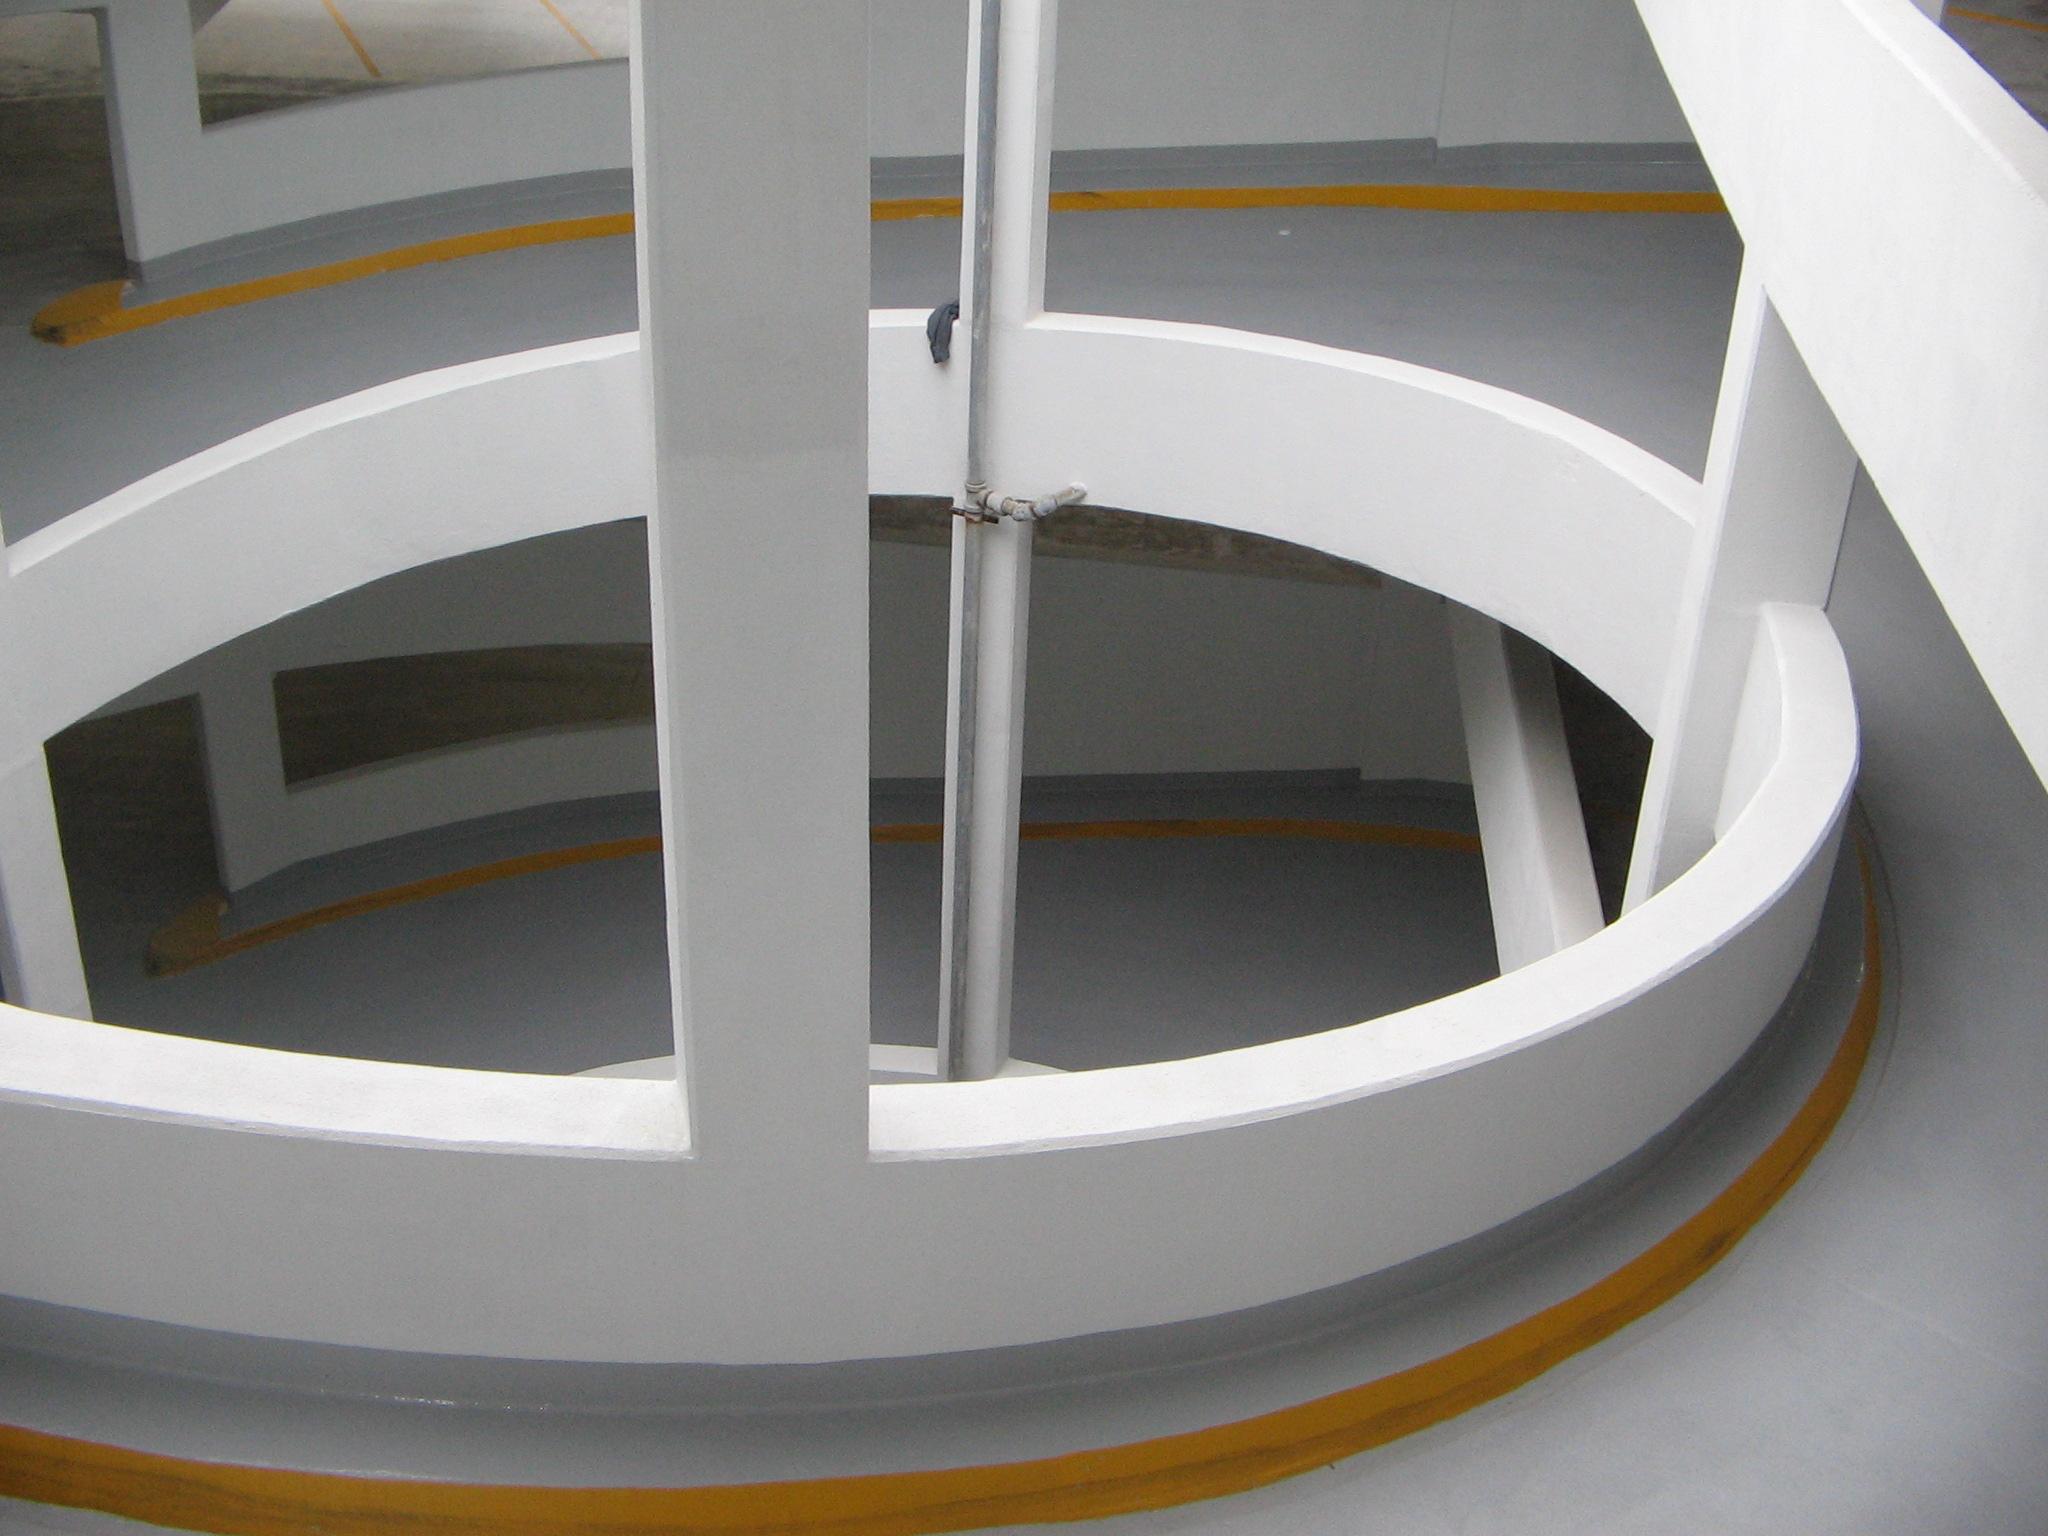 membrane-insallation-complete-4